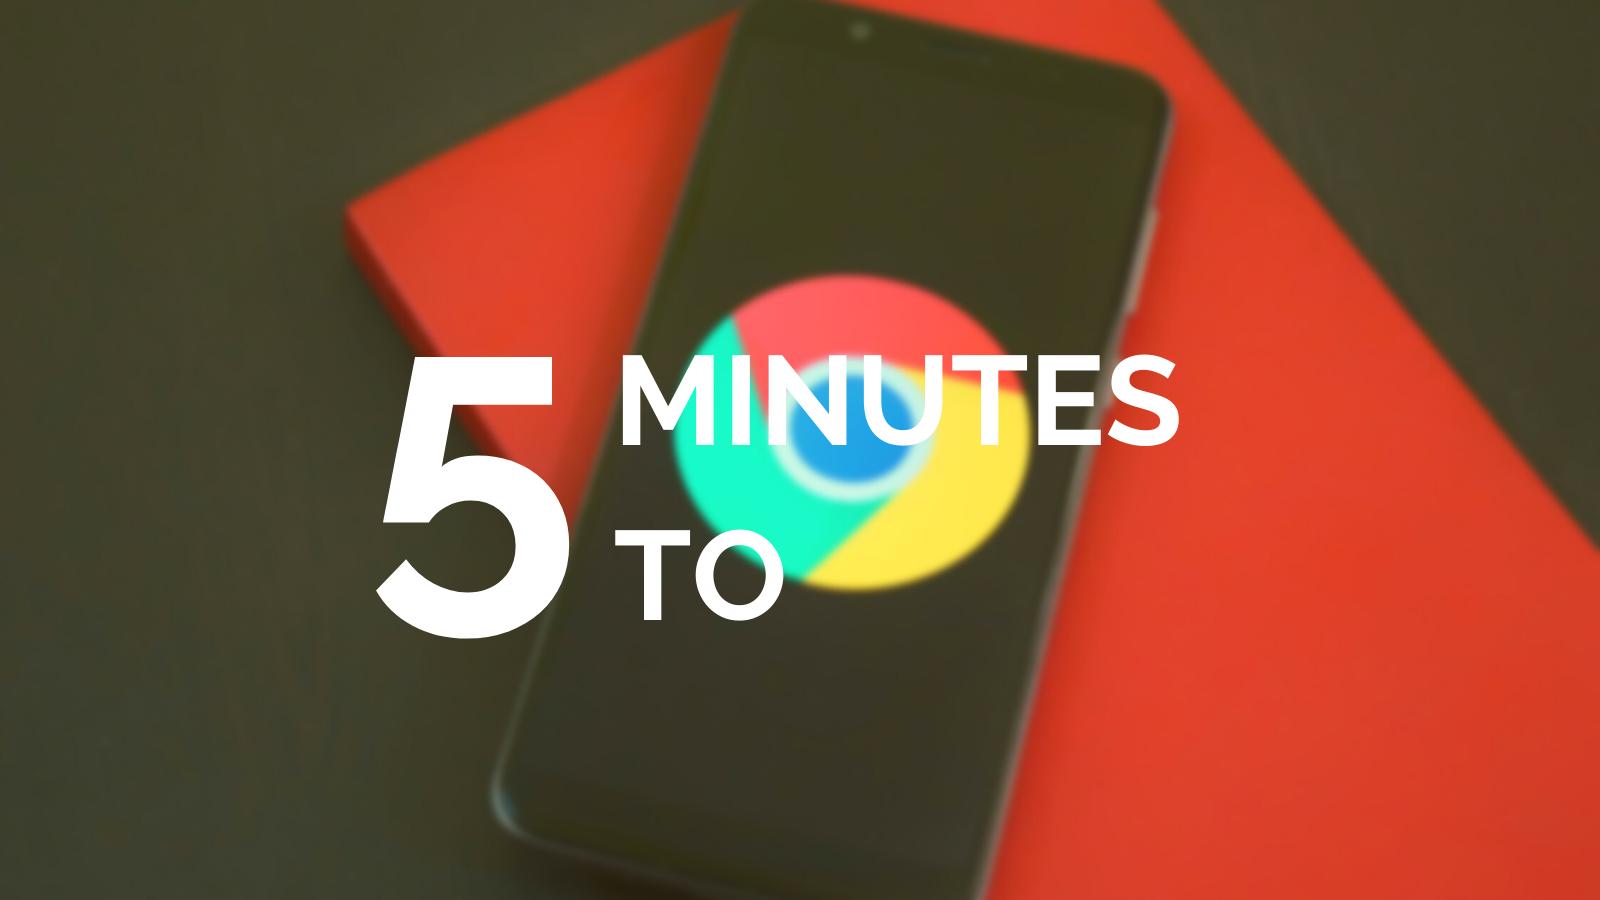 5 Minutes To: Google's Core Web Vitals